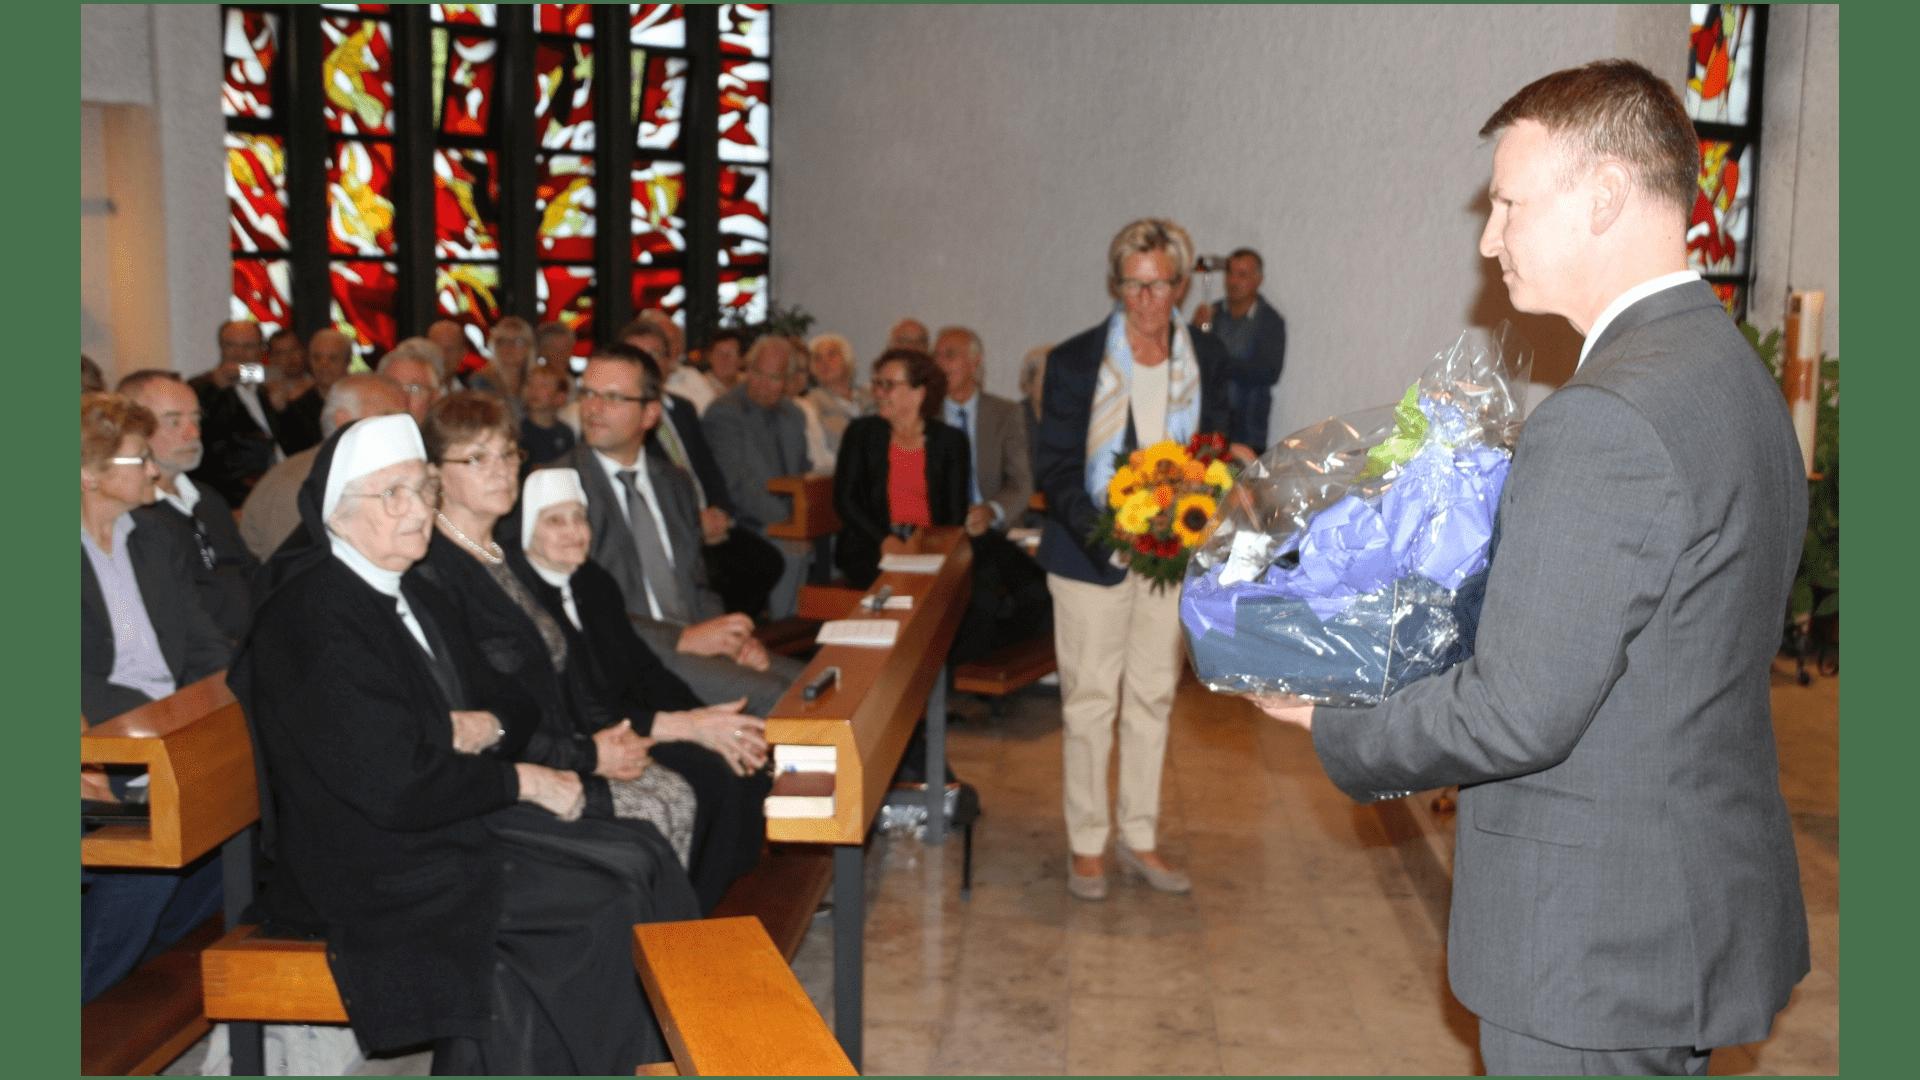 Verabschiedung der beiden letzten Schwestern, Michthildis Eichinger und Borgia Meixner 2016. Foto: Archiv Freundeskreis Filipowa